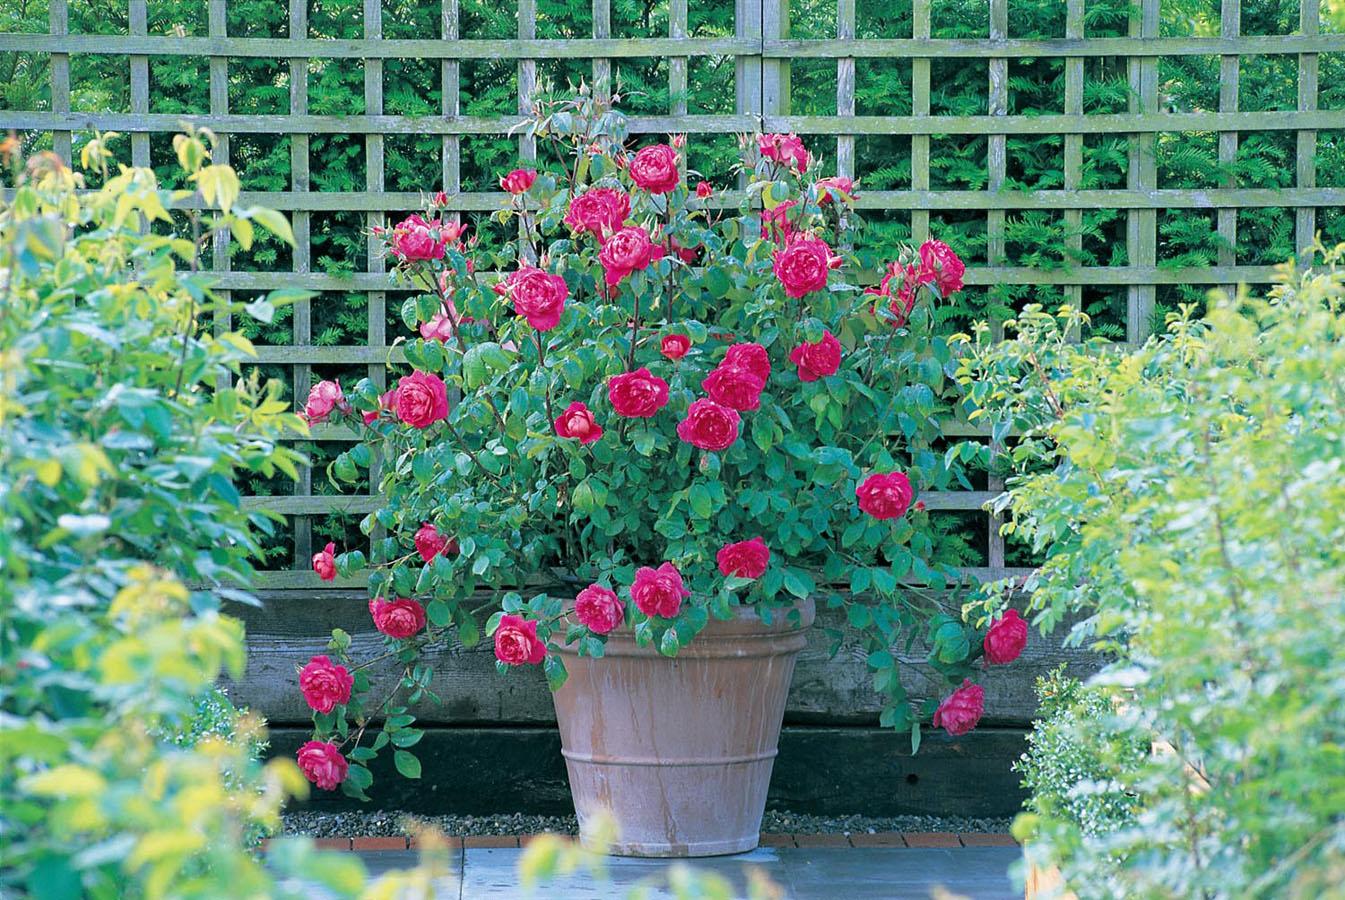 Ngỡ ngàng với cách trồng hoa hồng leo trong chậu cực đơn giản ai cũng làm được - Ảnh 2